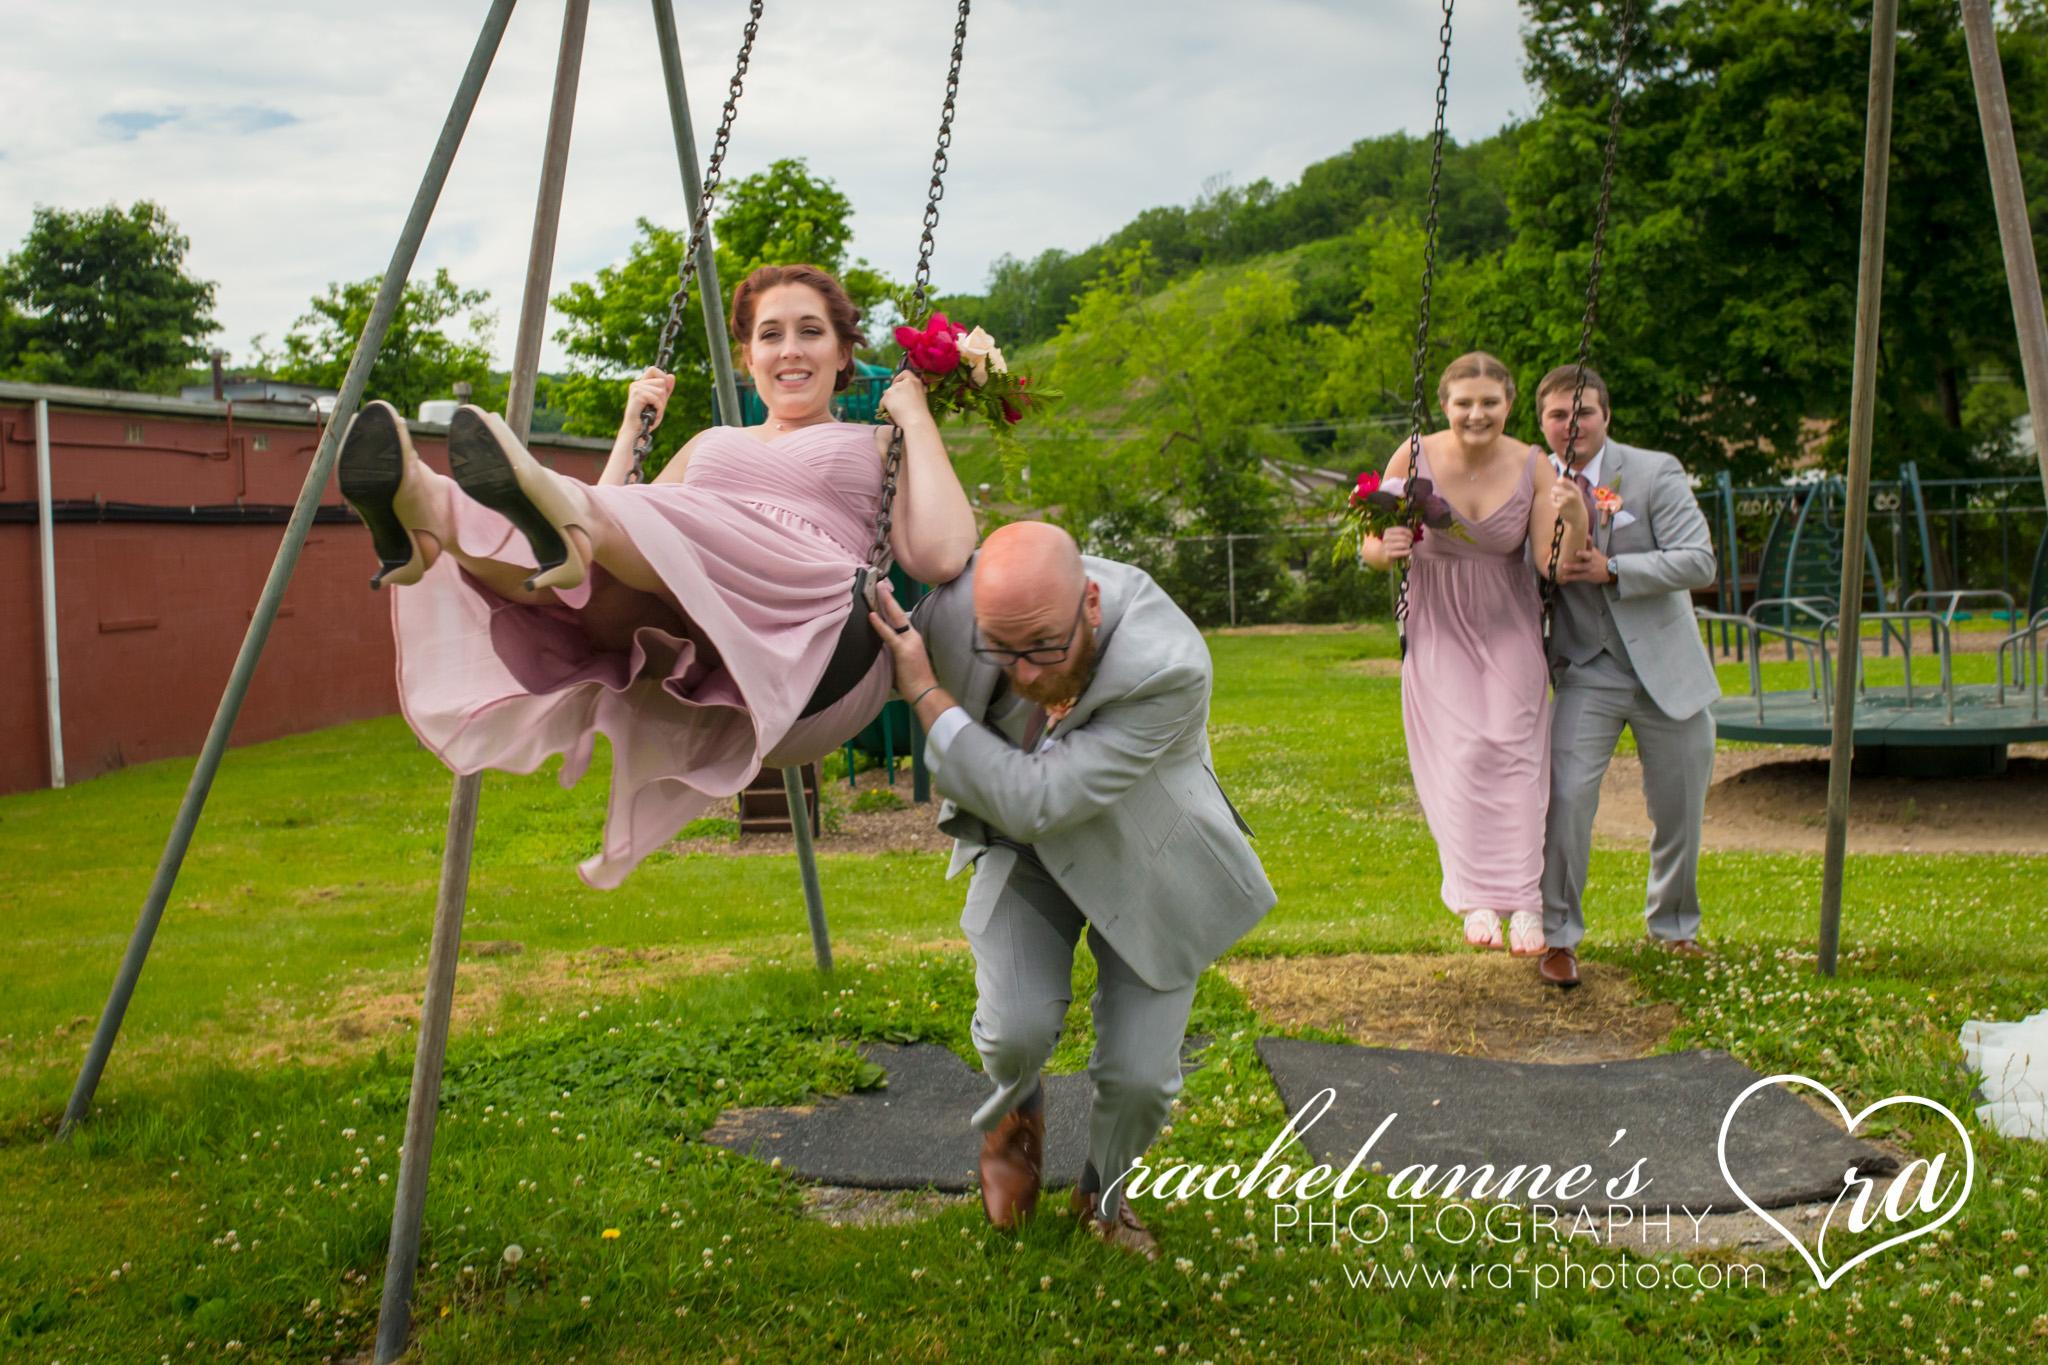 034-CMQ-ST-LEOS-RIDGWAY-PA-WEDDINGS.jpg